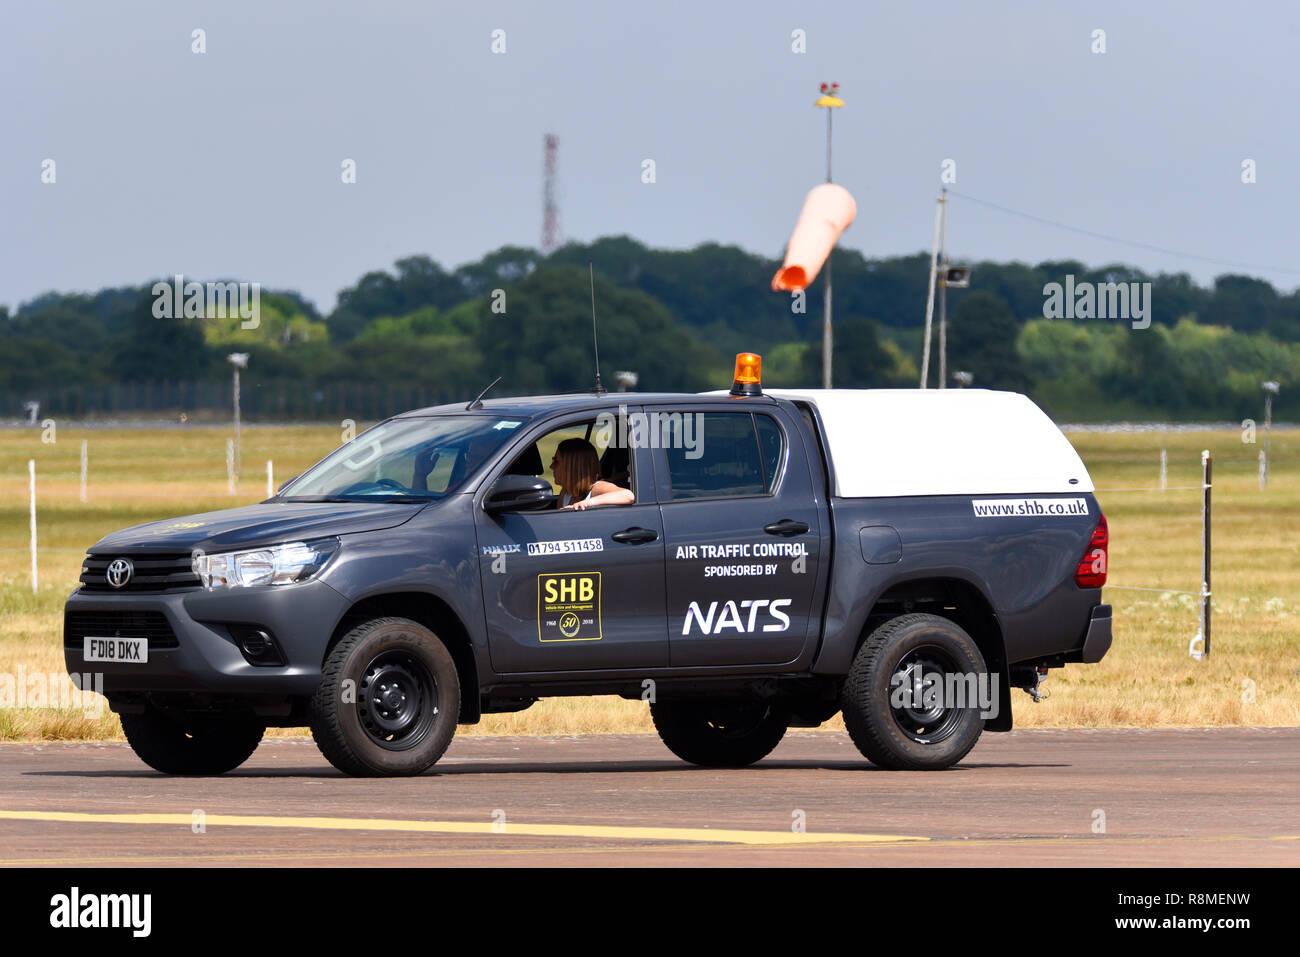 Nats Air Traffic Control Vehicle At Royal International Air Tattoo